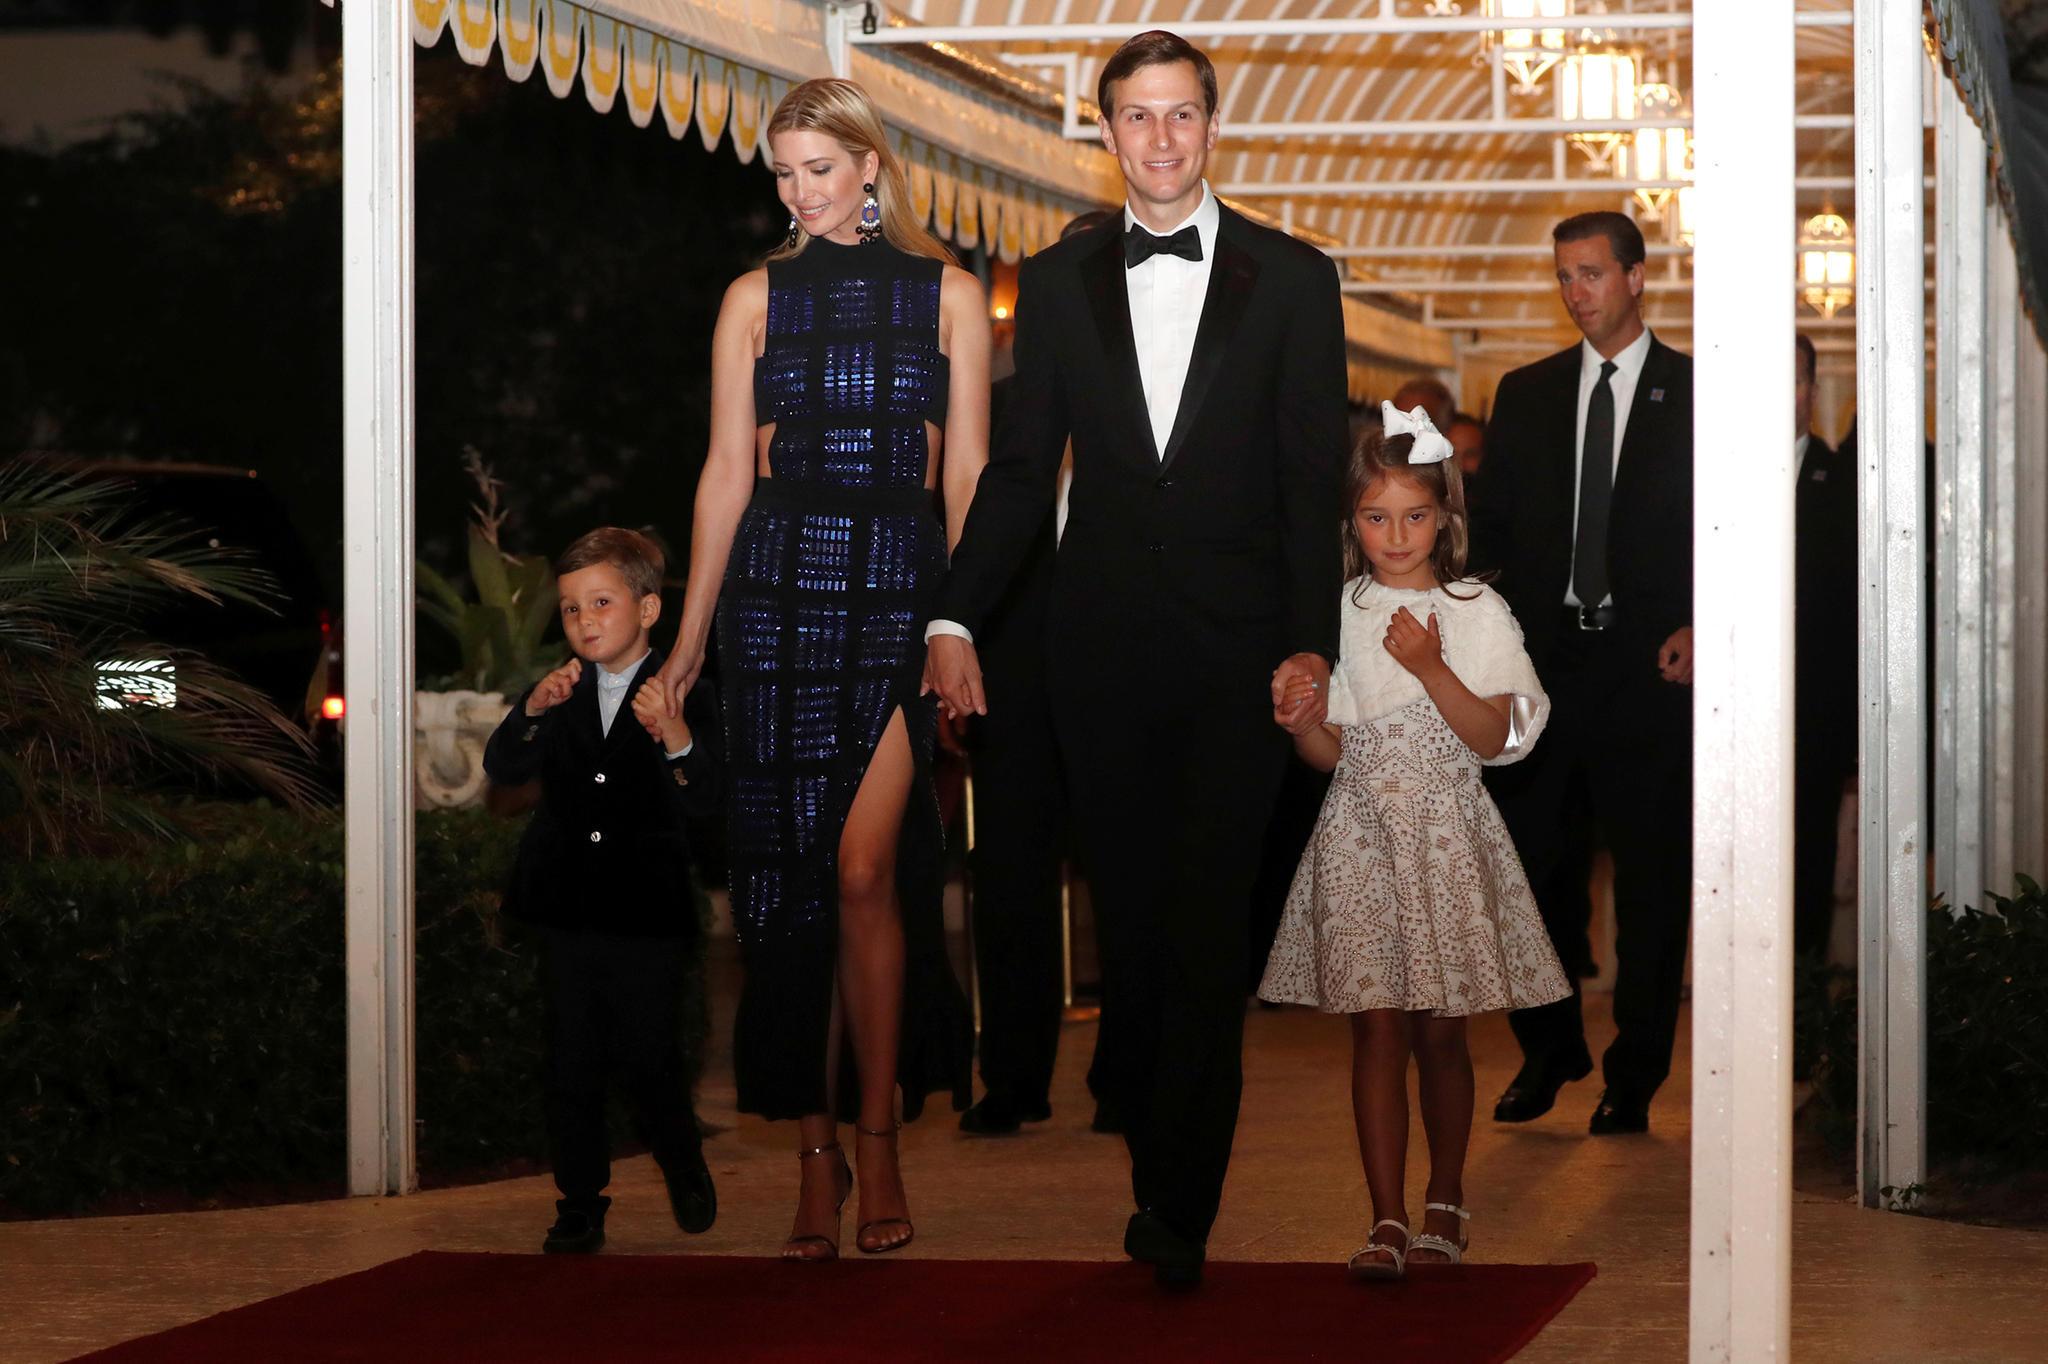 Joseph (l.) und Arabella (r.) mit ihren Eltern Ivanka Trump und Jared Kushner